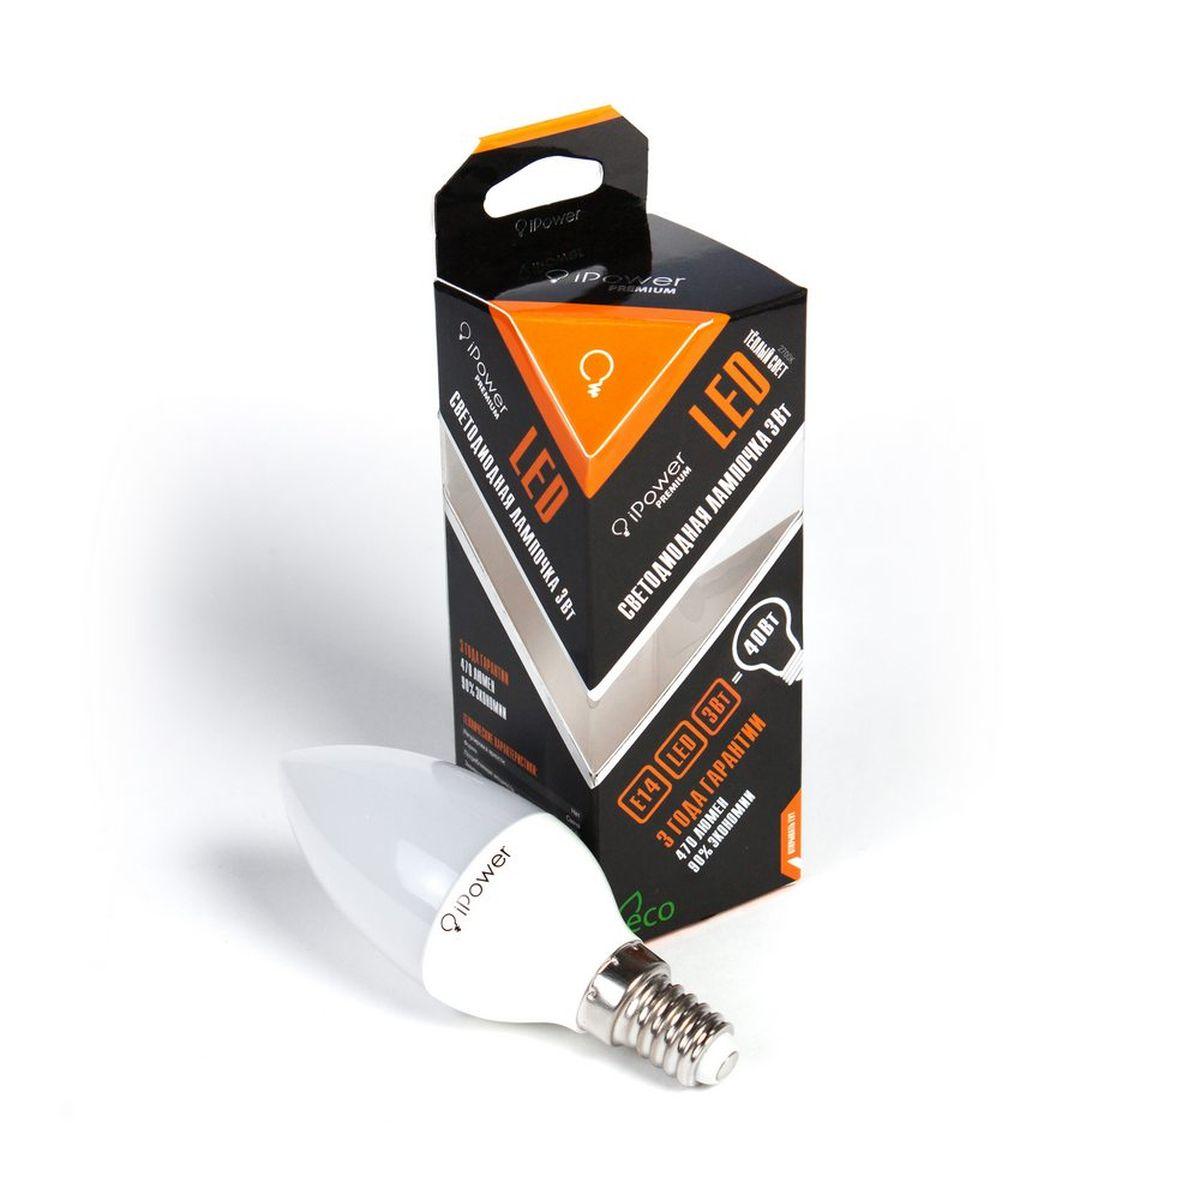 Лампа светодиодная iPower Premium, цоколь Е14, 3W, 2700К1001956Светодиодная лампа iPower Premium имеет очень низкое энергопотребление. В сравнении с лампами накаливания LED потребляет в 12 раз меньше электричества, а в сравнении с энергосберегающими - в 2-4 раза меньше. При этом срок службы LED лампочки в 5 раз выше, чем энергосберегающей, и в 50 раз выше, чем у лампы накаливания. Светодиодная лампа iPower Premium создает мягкий рассеивающий свет без мерцаний, что совершенно безопасно для глаз. Она специально разработана по требованиям российских и европейских законов и подходит ко всем осветительным устройствам, совместимым со стандартным цоколем E27. Использование светодиодов от мирового лидера Epistar - это залог надежной и стабильной работы лампы. Теплый оттенок света лампы по световой температуре соответствует обычной лампе накаливания и позволит создать уют в доме и местах отдыха. Диапазон рабочих температур от -50°С до +50 °С Материал: алюминий, поликарбонат. Потребляемая мощность: 3 Вт. Рабочее...